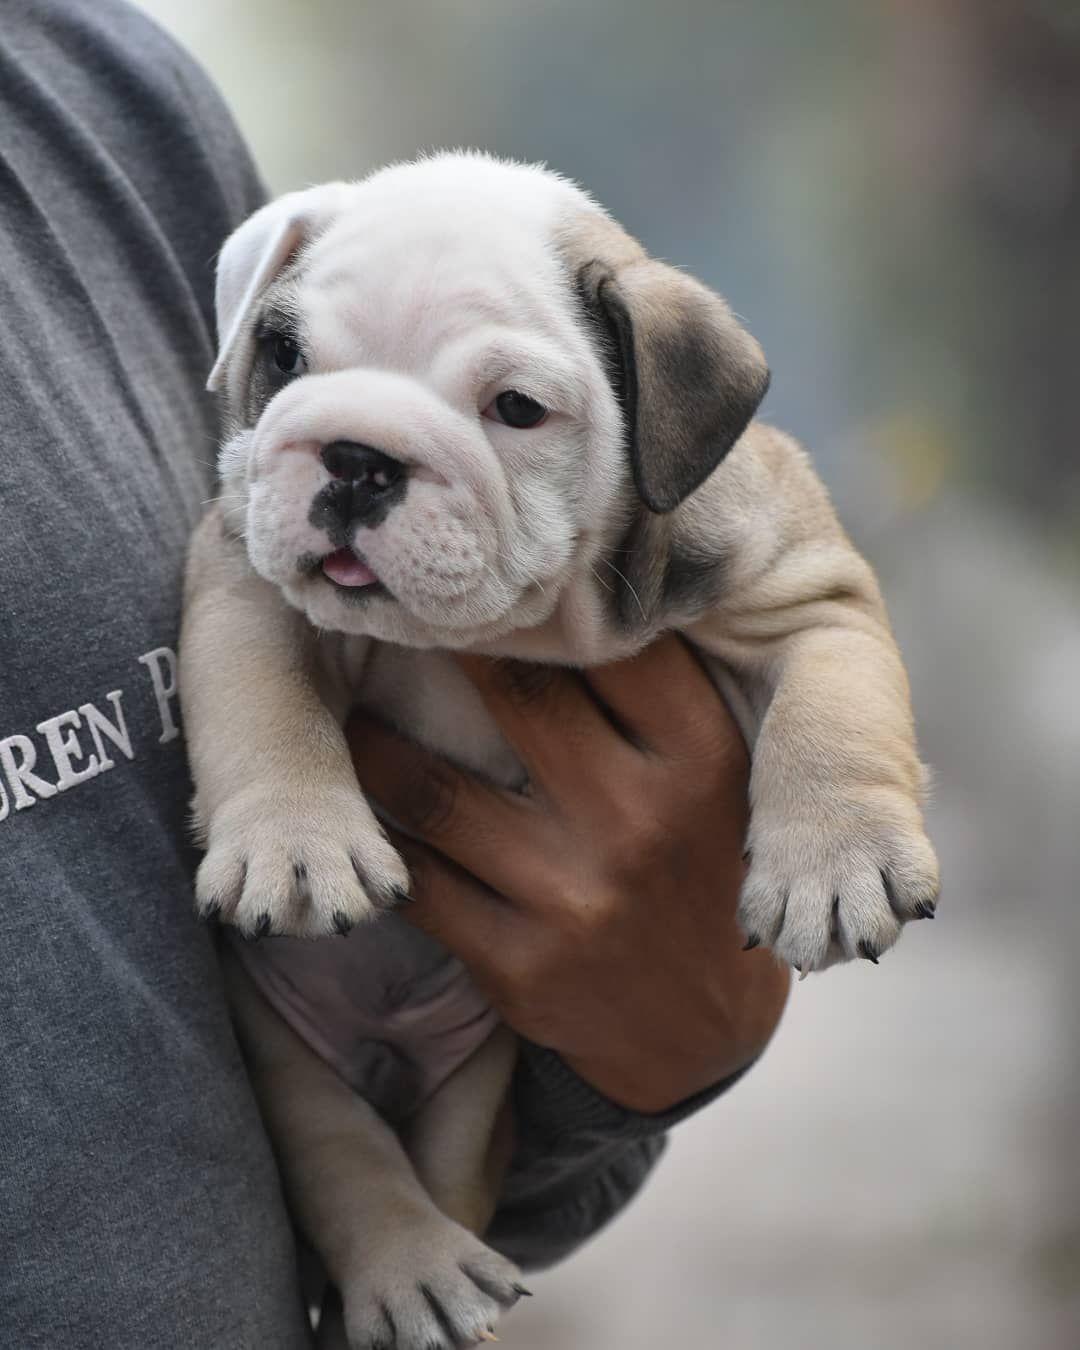 British Bulldog Puppies For Sale In 2020 Bulldog Puppies For Sale English Bulldog Puppies Bulldog